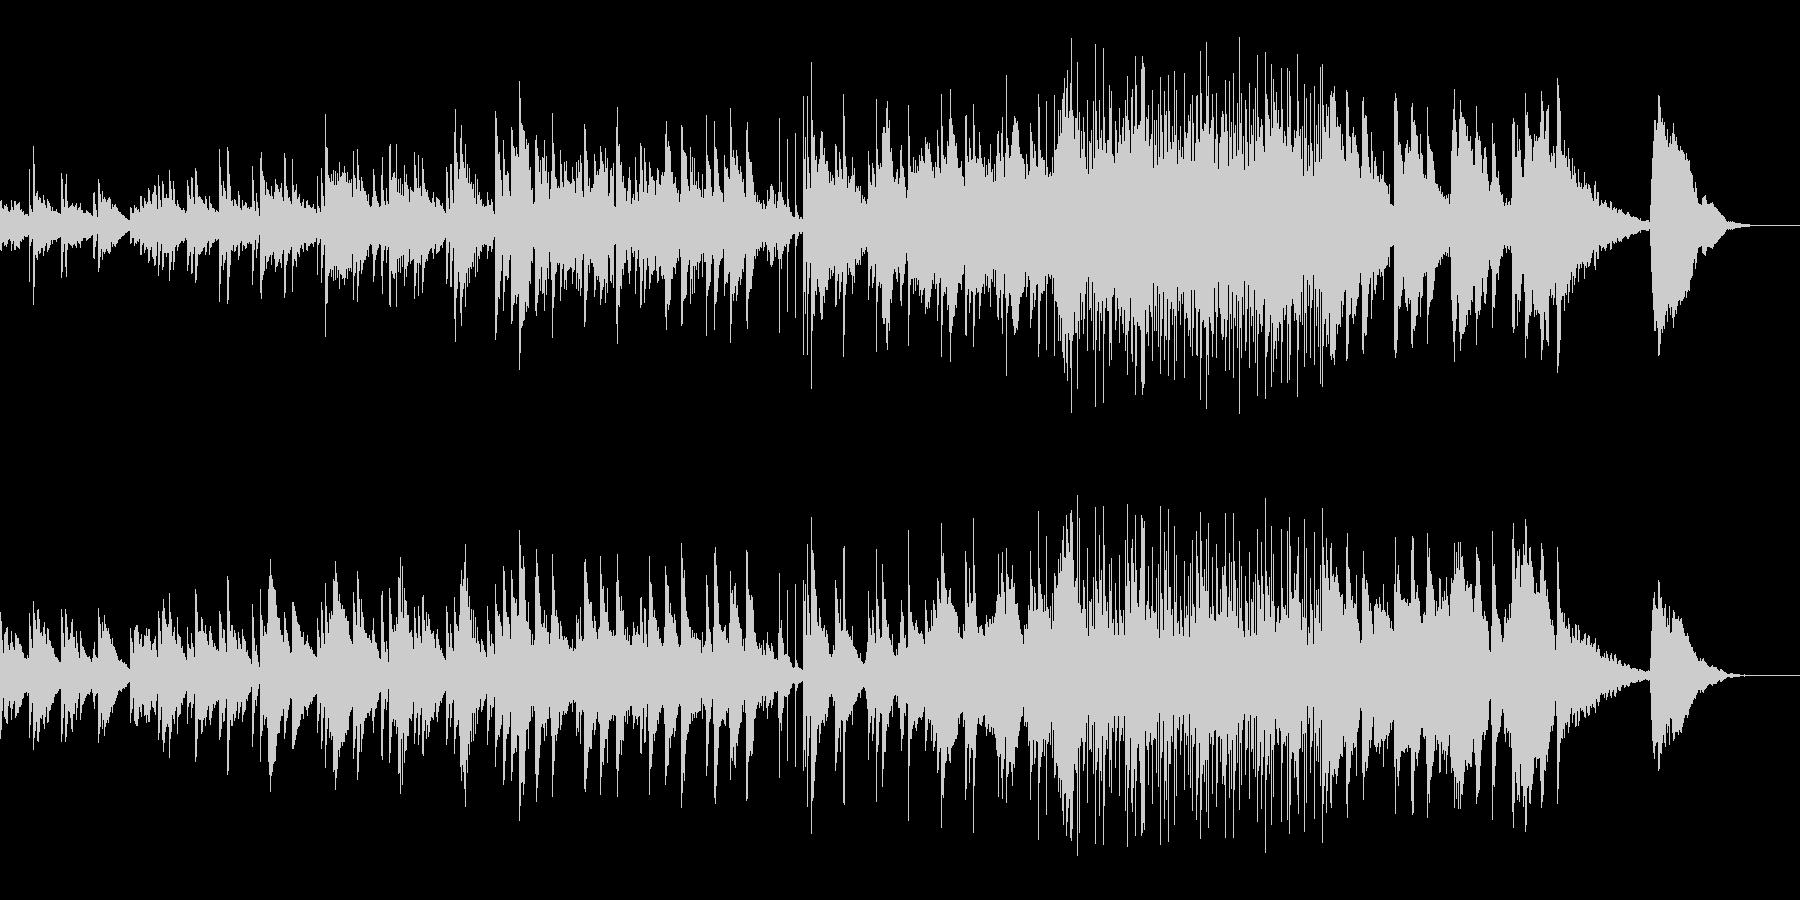 アコギタとピアノメインのインストの未再生の波形